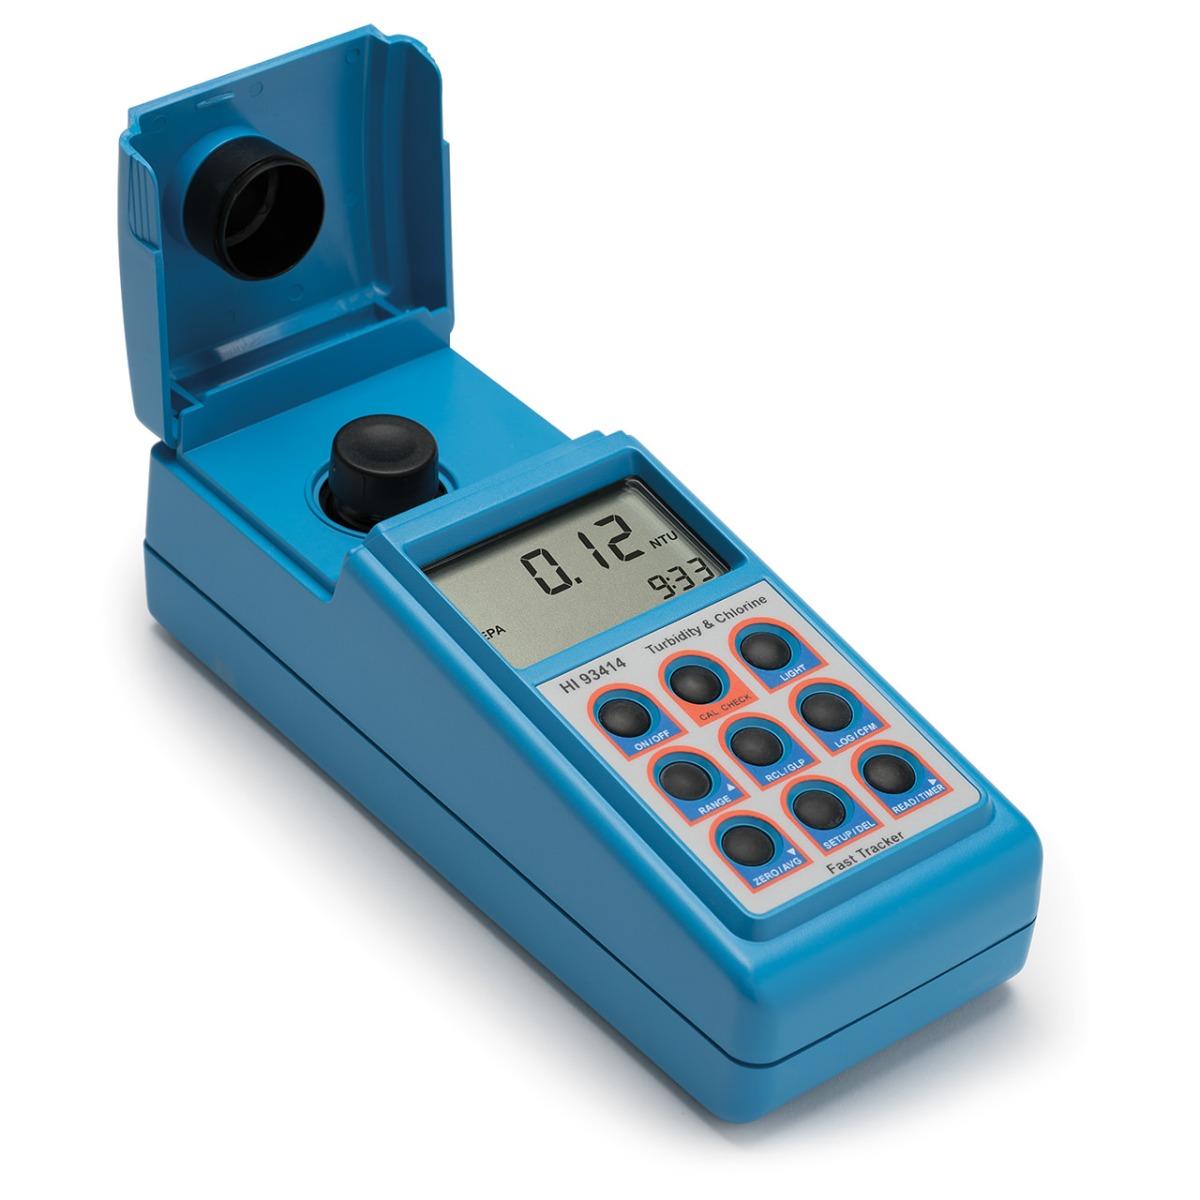 HI93414 - Misuratore portatile di torbidità e cloro